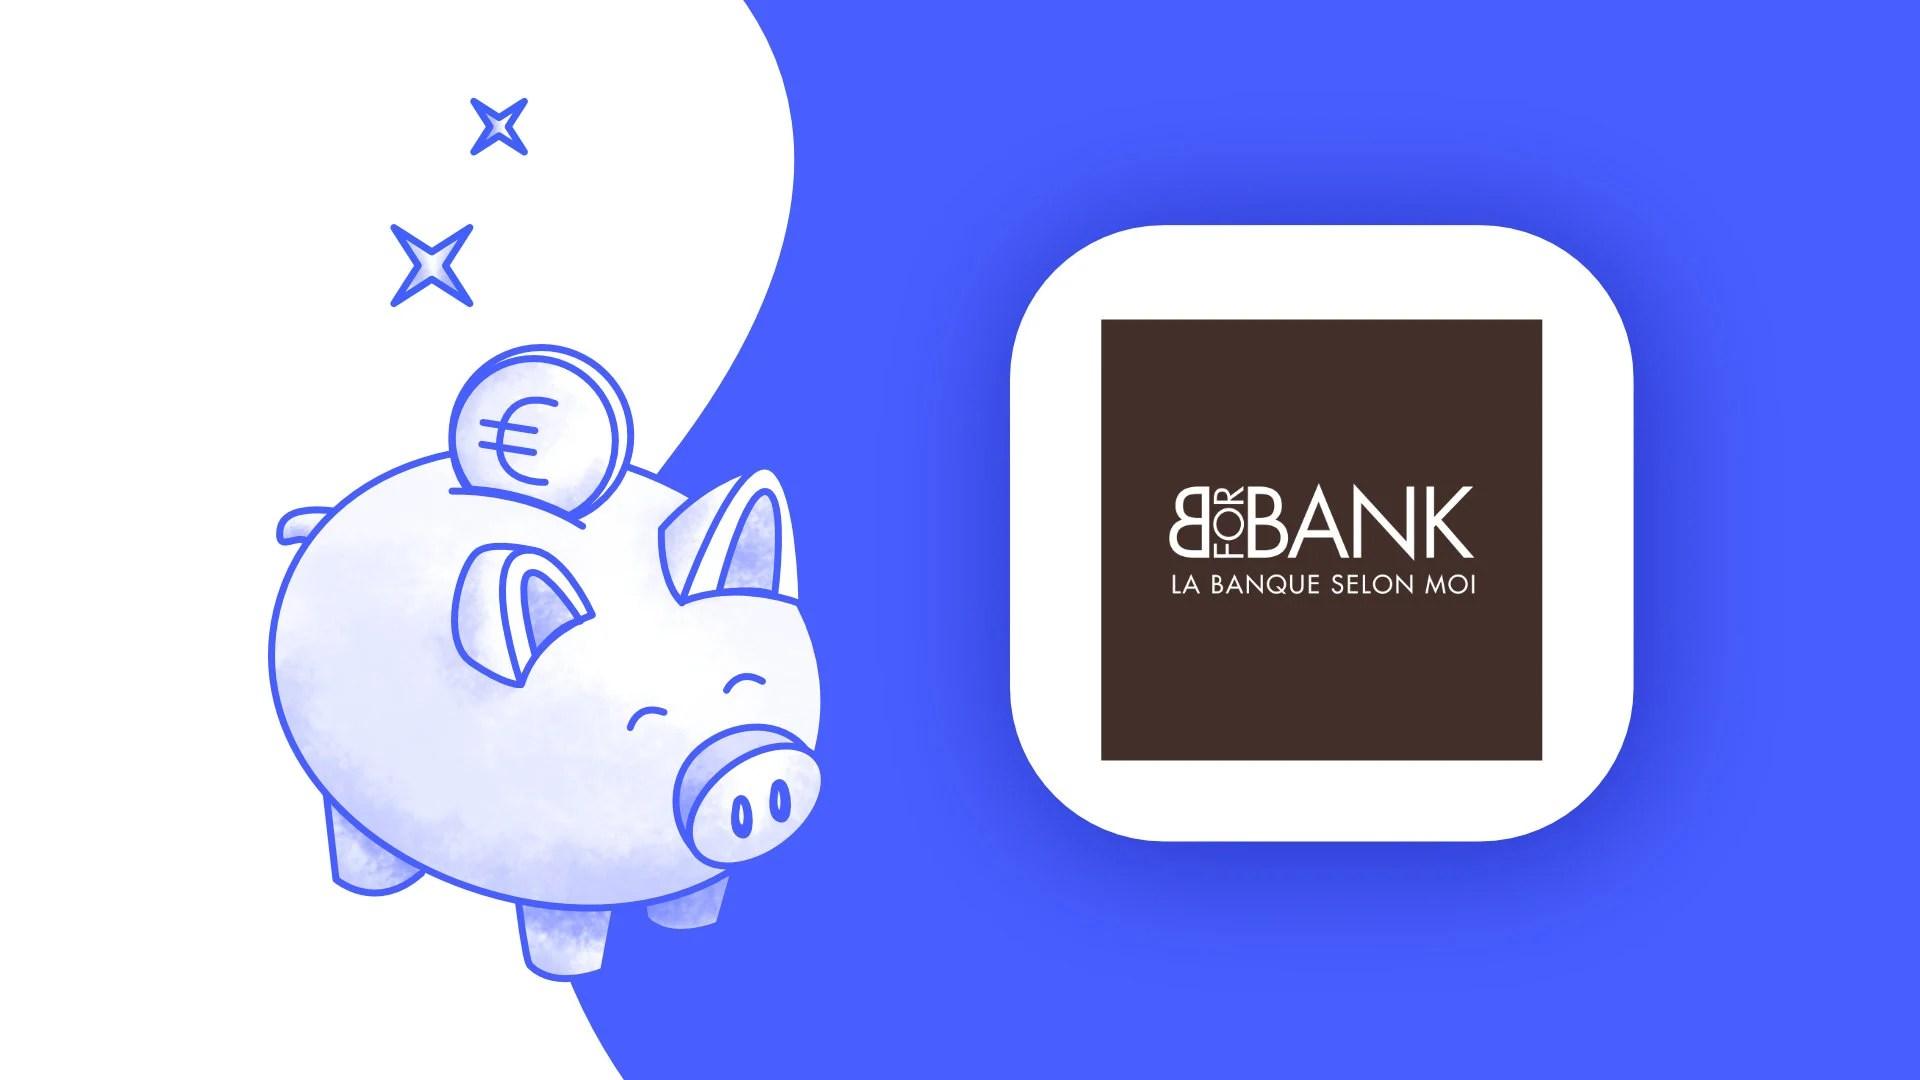 BforBank : notre avis sur l'offre banque en ligne